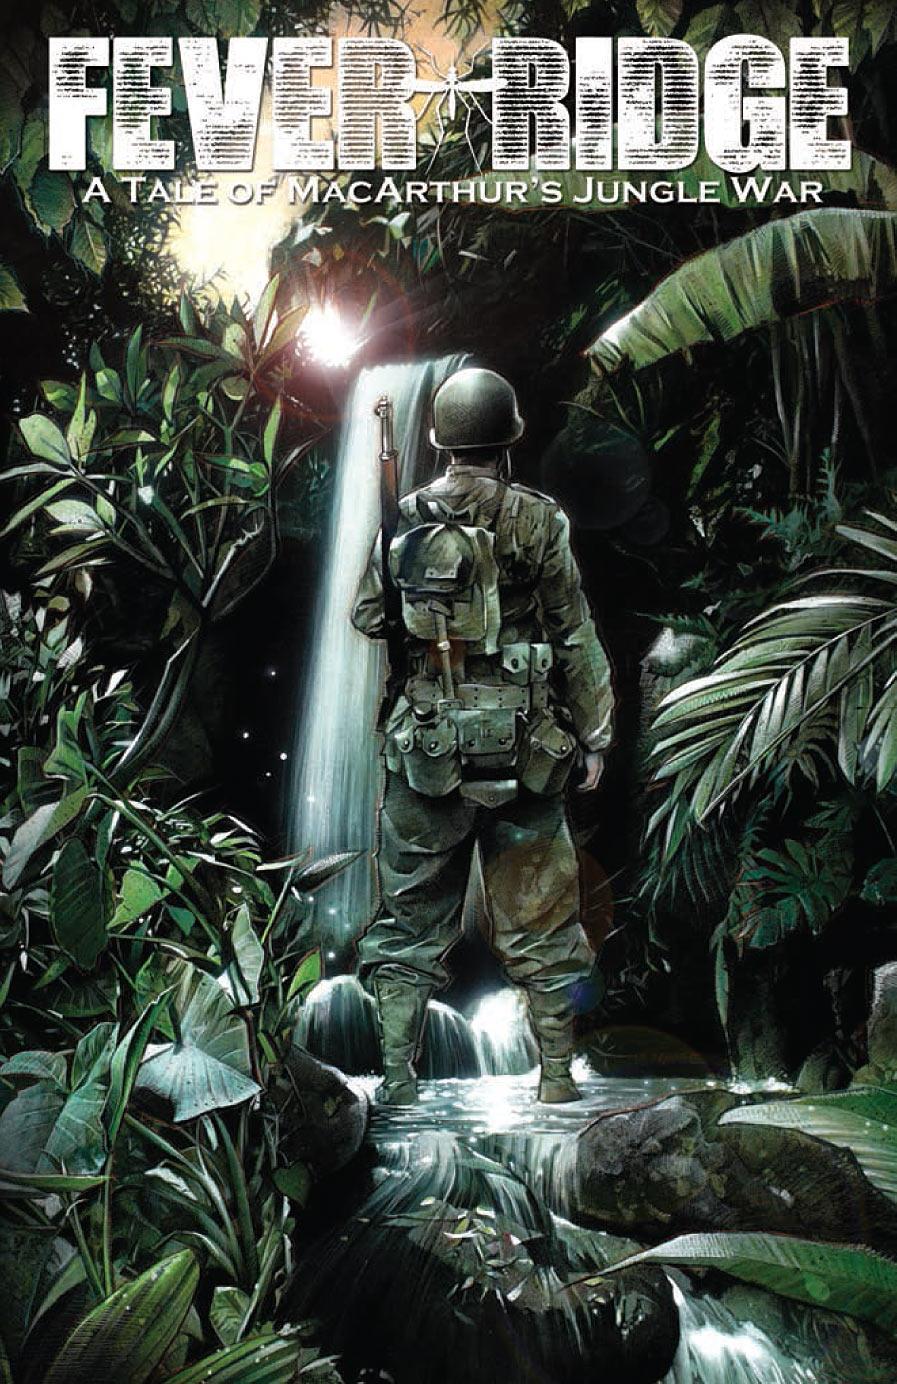 Fever Ridge Macarthur Jungle War Vol. 1 TP